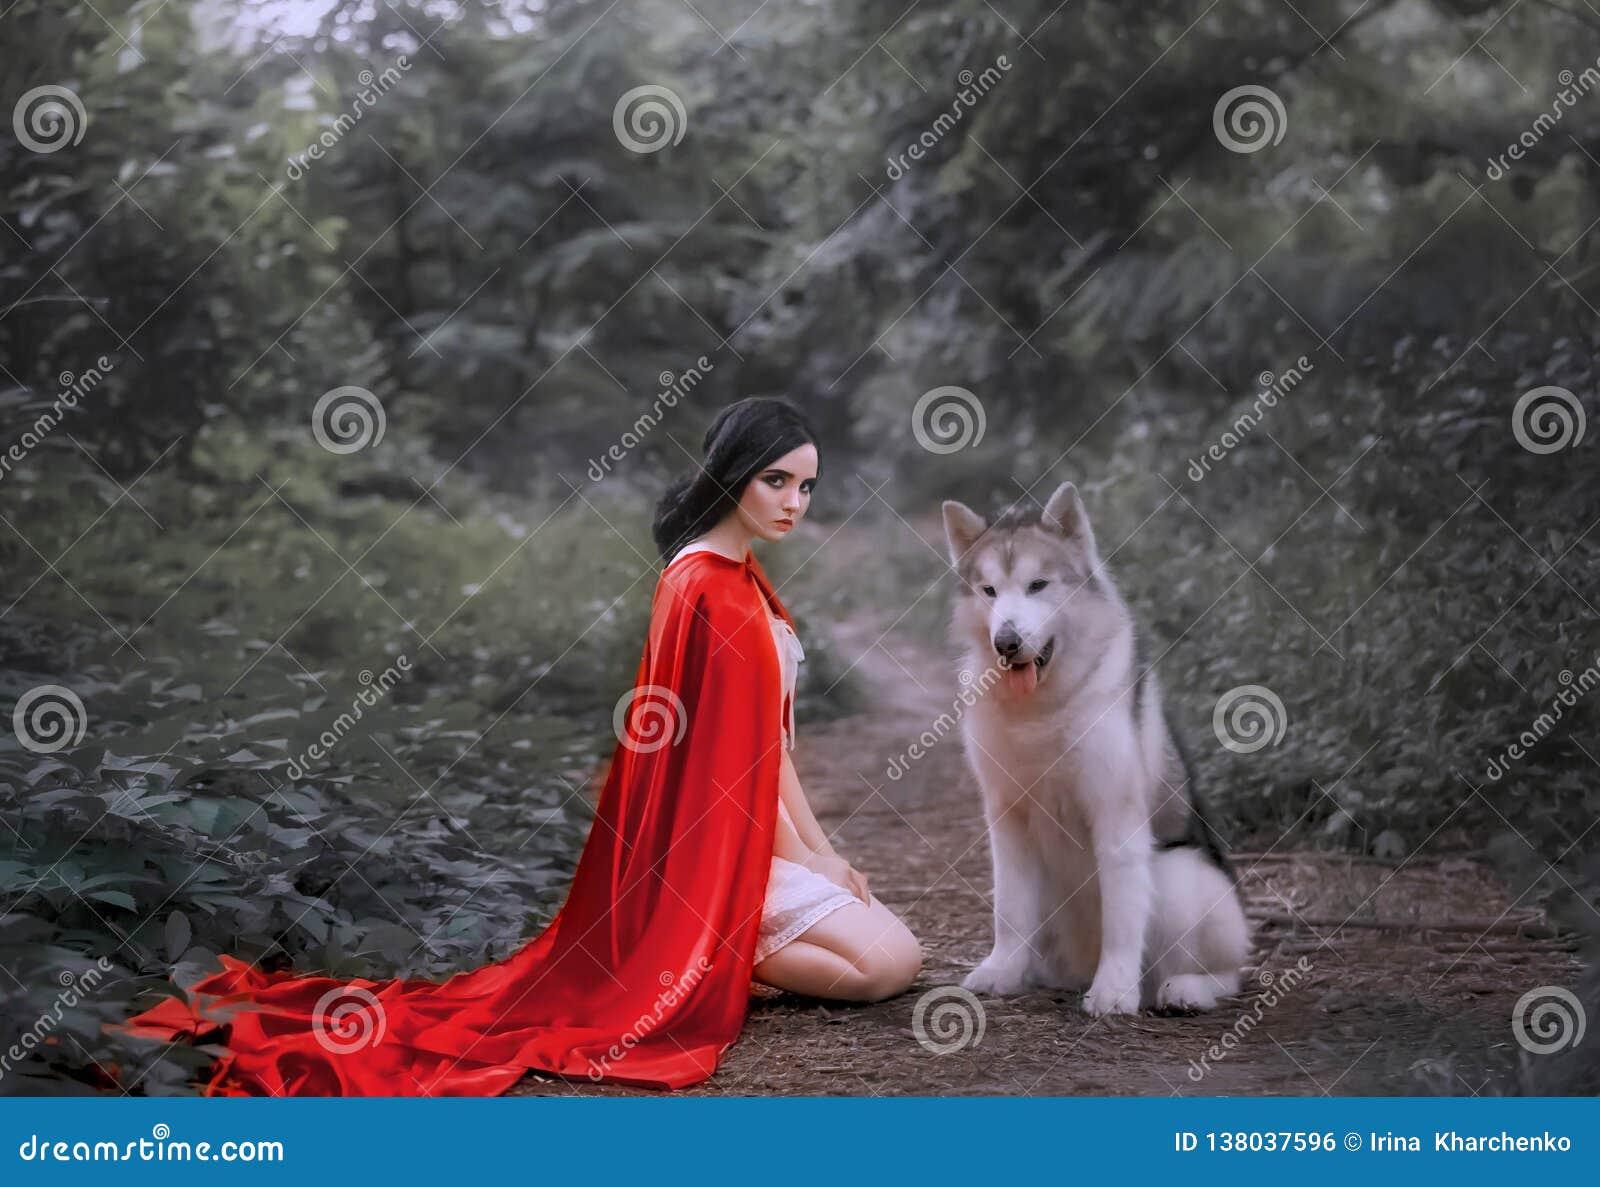 Παραμύθι για την κόκκινη ΚΑΠ, σκοτεινός-μαλλιαρό κορίτσι στο έδαφος στο παχύ δάσος στο κοντό άσπρο ελαφρύ φόρεμα, μακρύς ερυθρός